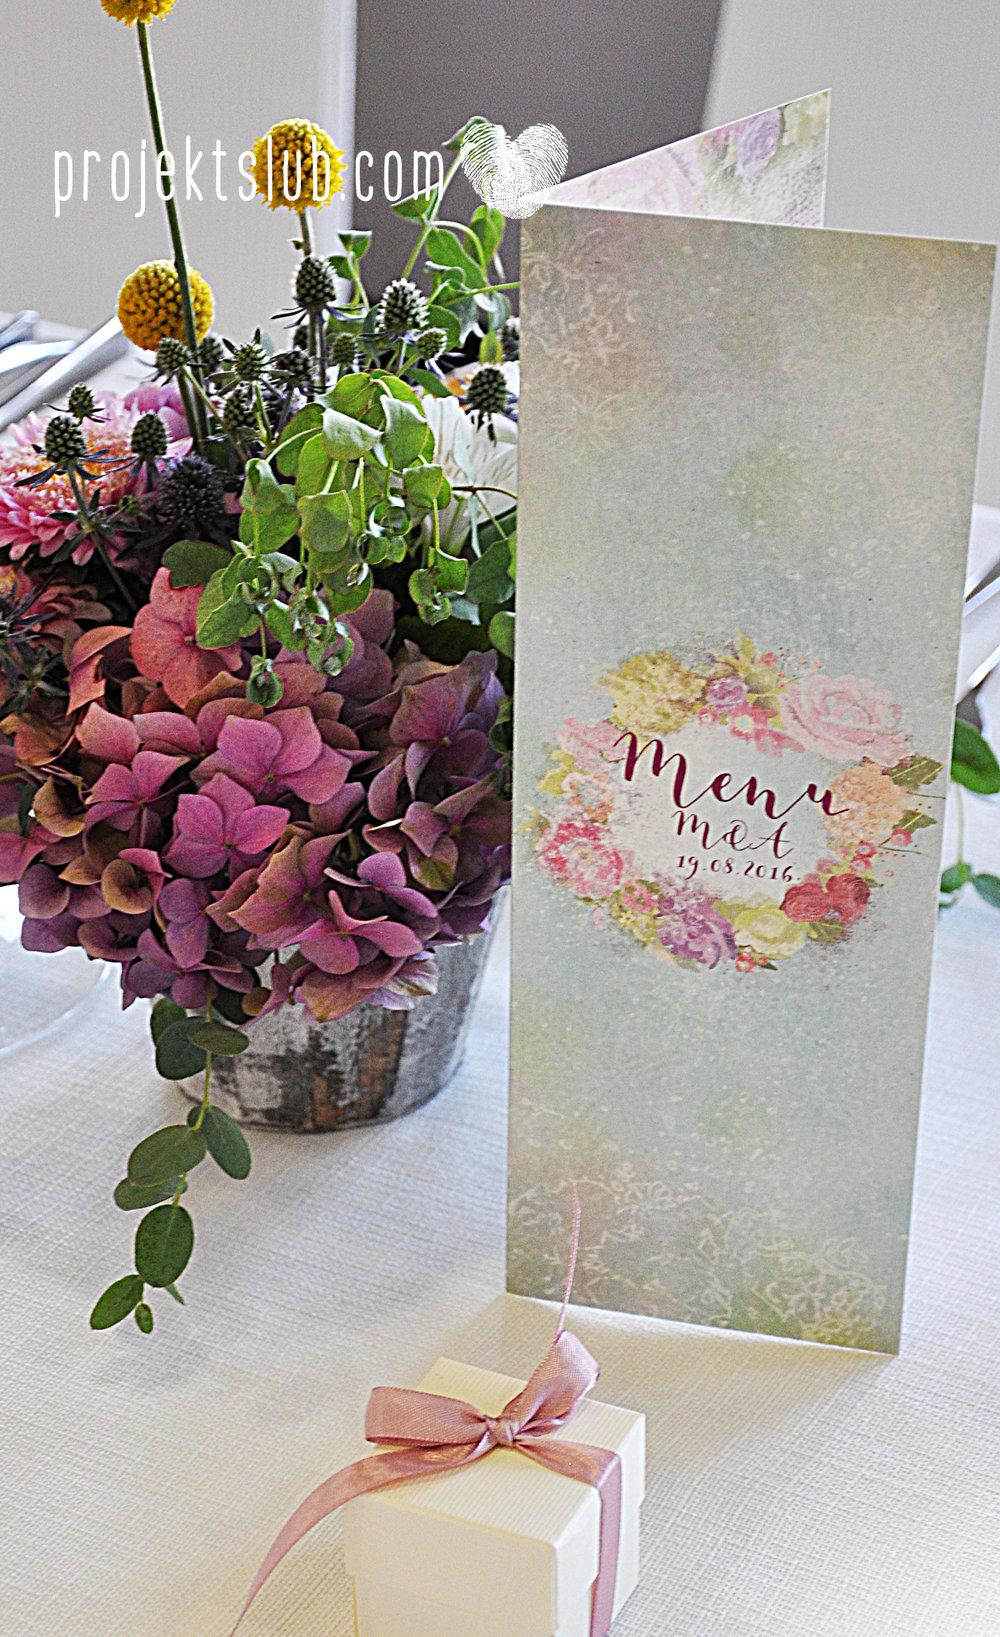 Zaproszenie ślubne BOHO WIANEK rustykalne wesele romantyczne kwiaty pastele Projekt Ślub (52).jpg